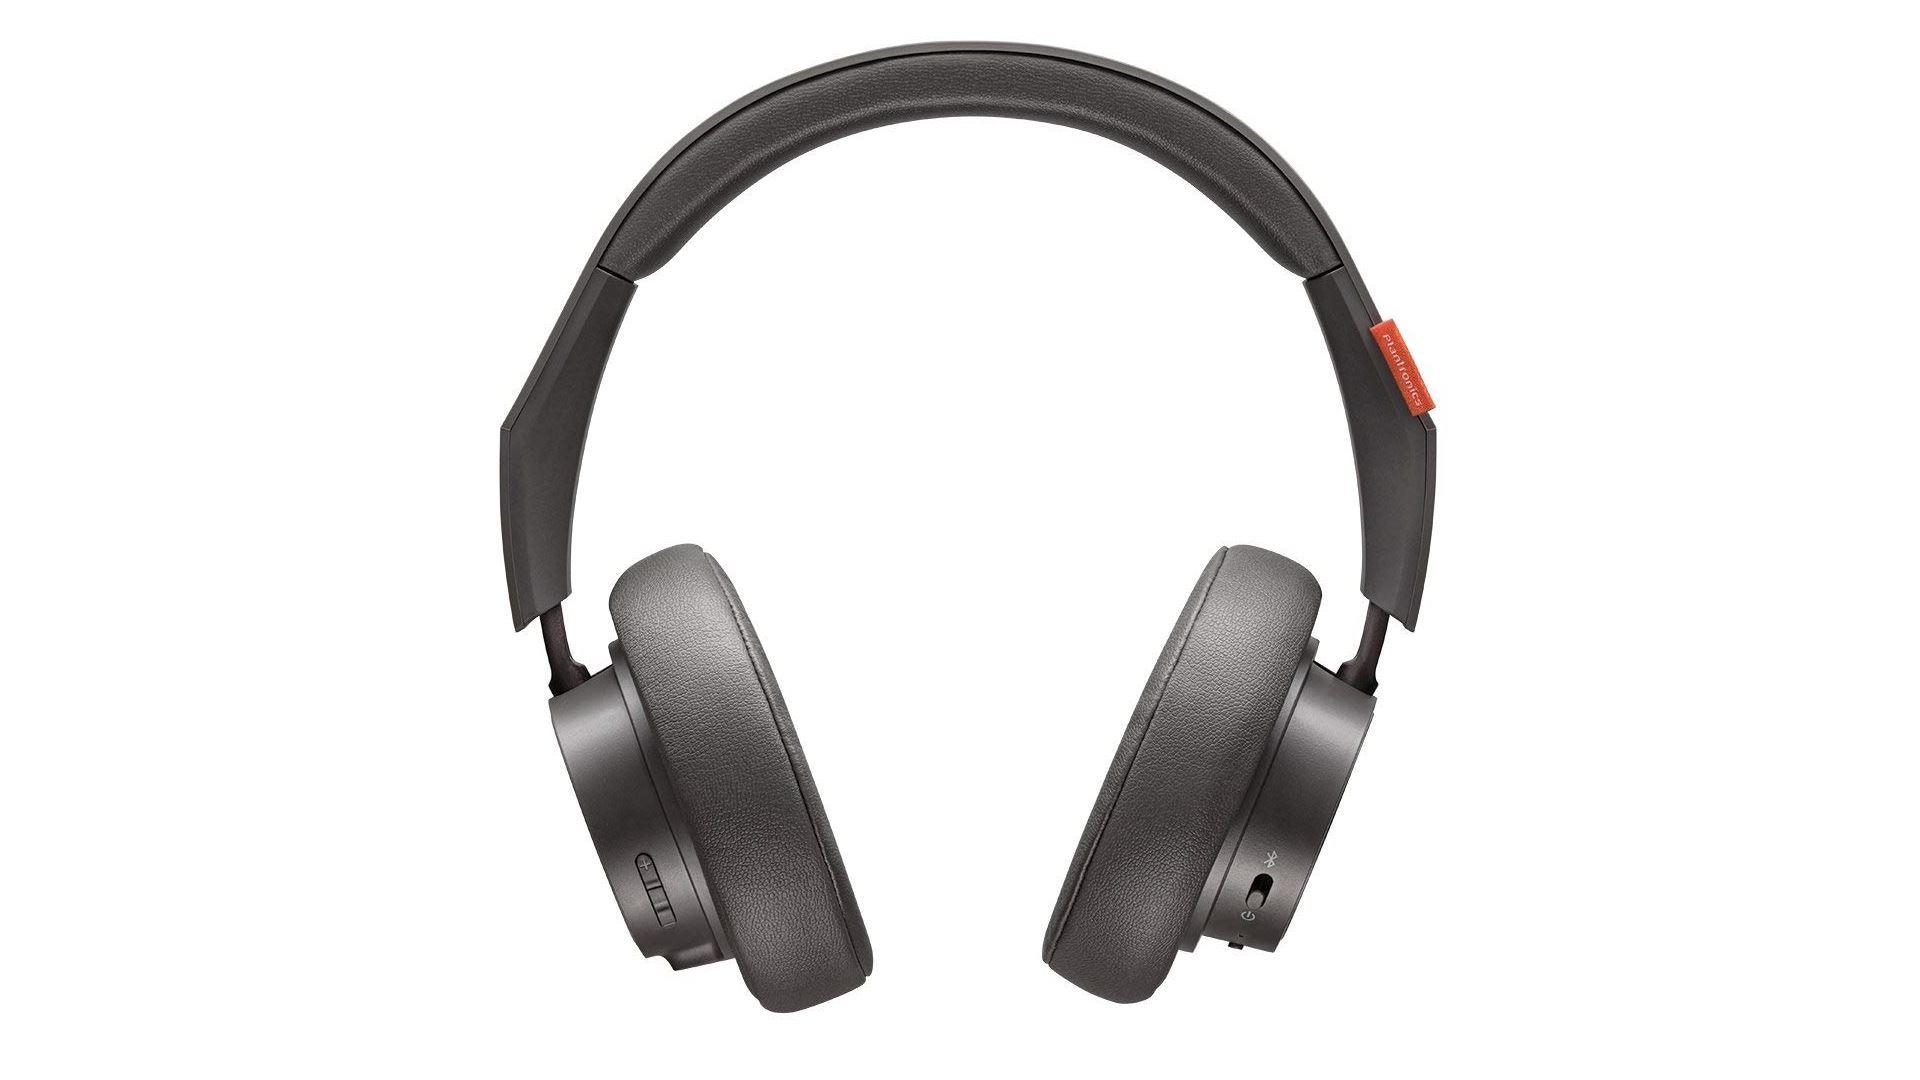 На иллюстрации изображена беспроводная гарнитура Plantronics BackBeat GO 600 серого цвета под углом